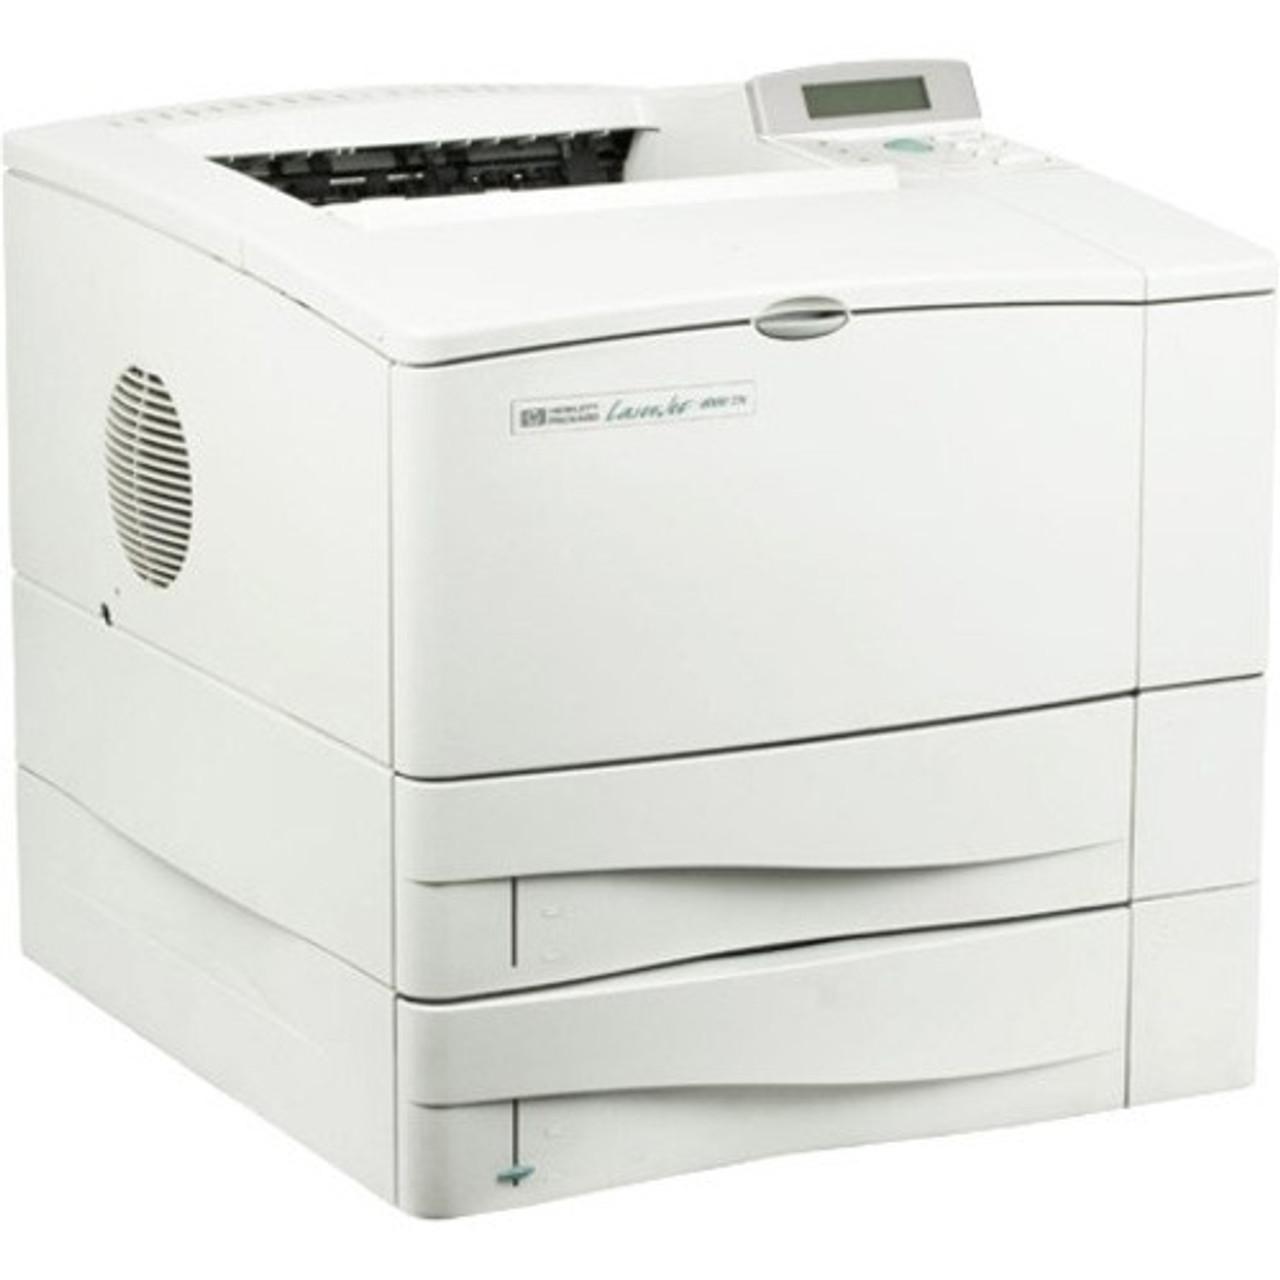 HP LaserJet 4050t - c4252a - HP Laser Printer for sale